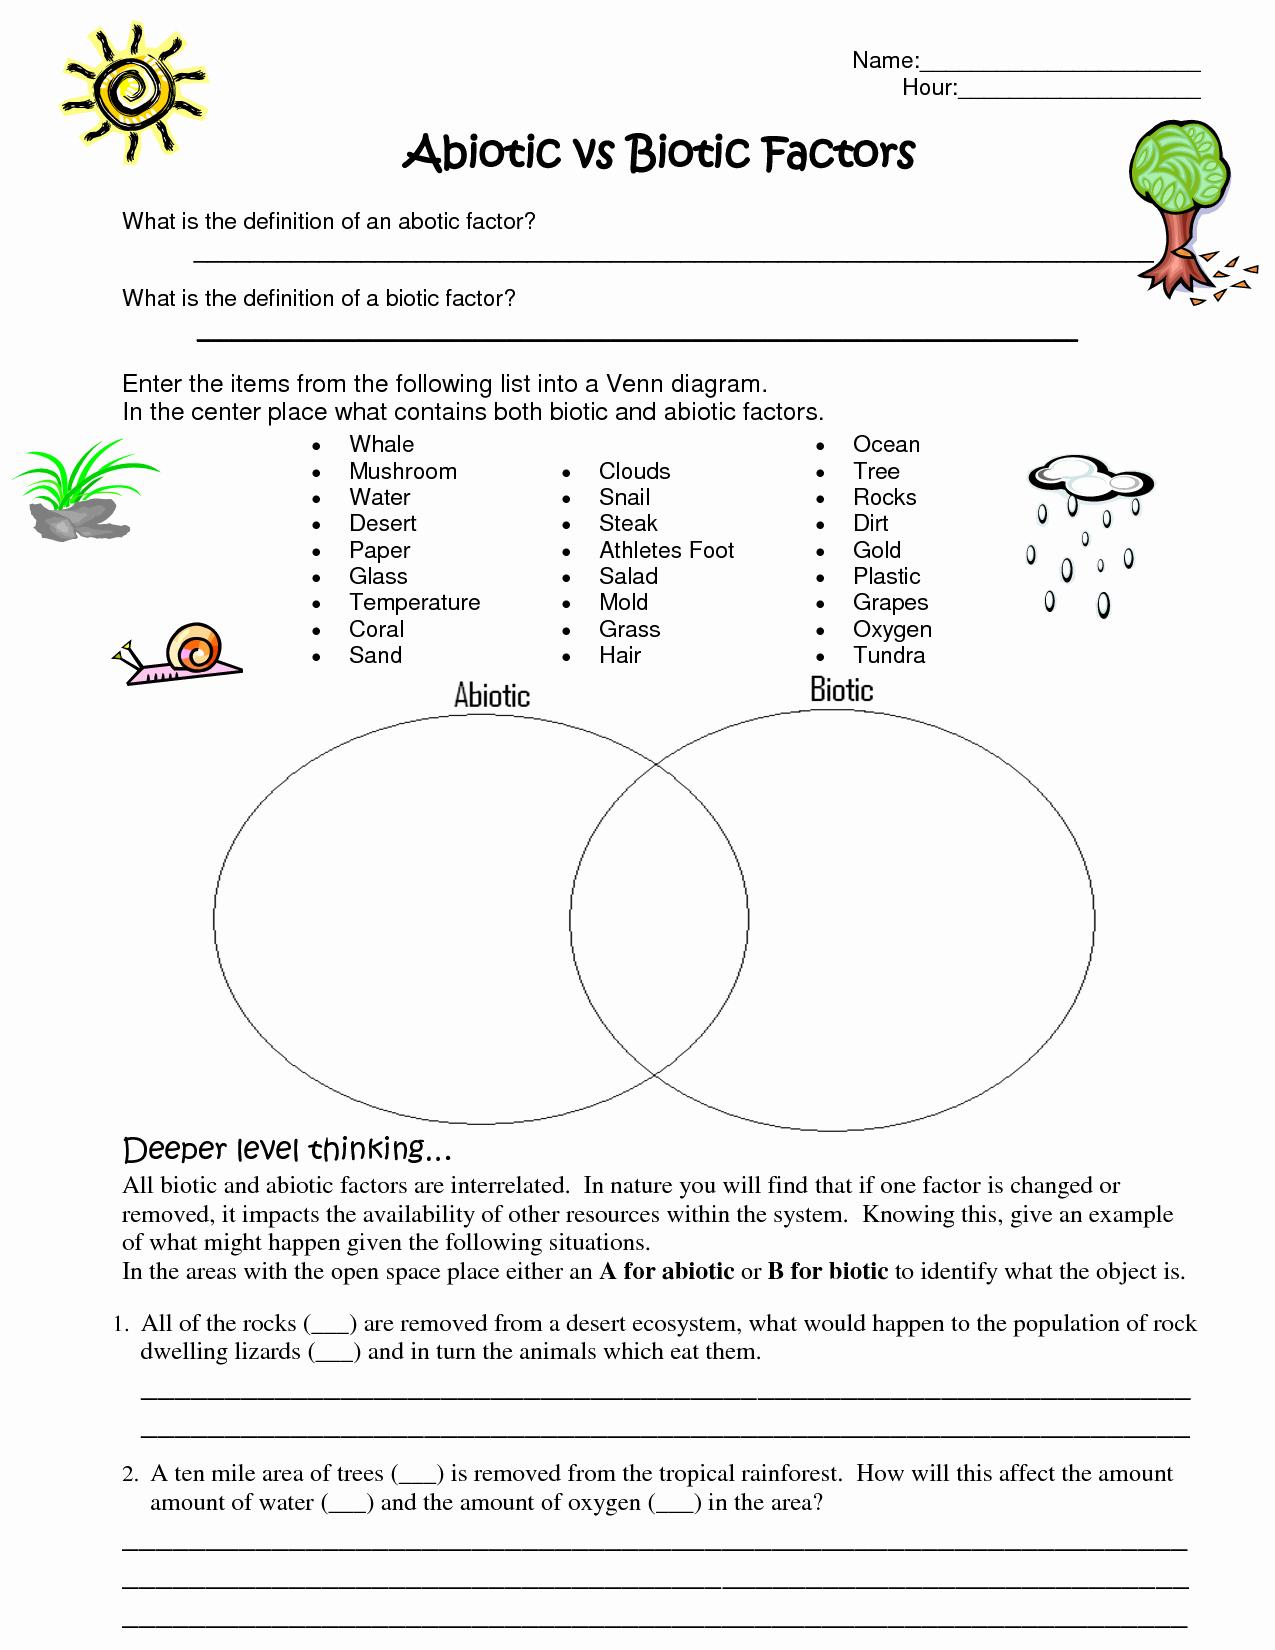 Abiotic and Biotic Factors Worksheet Fresh Biotic Vs Abiotic Lessons Tes